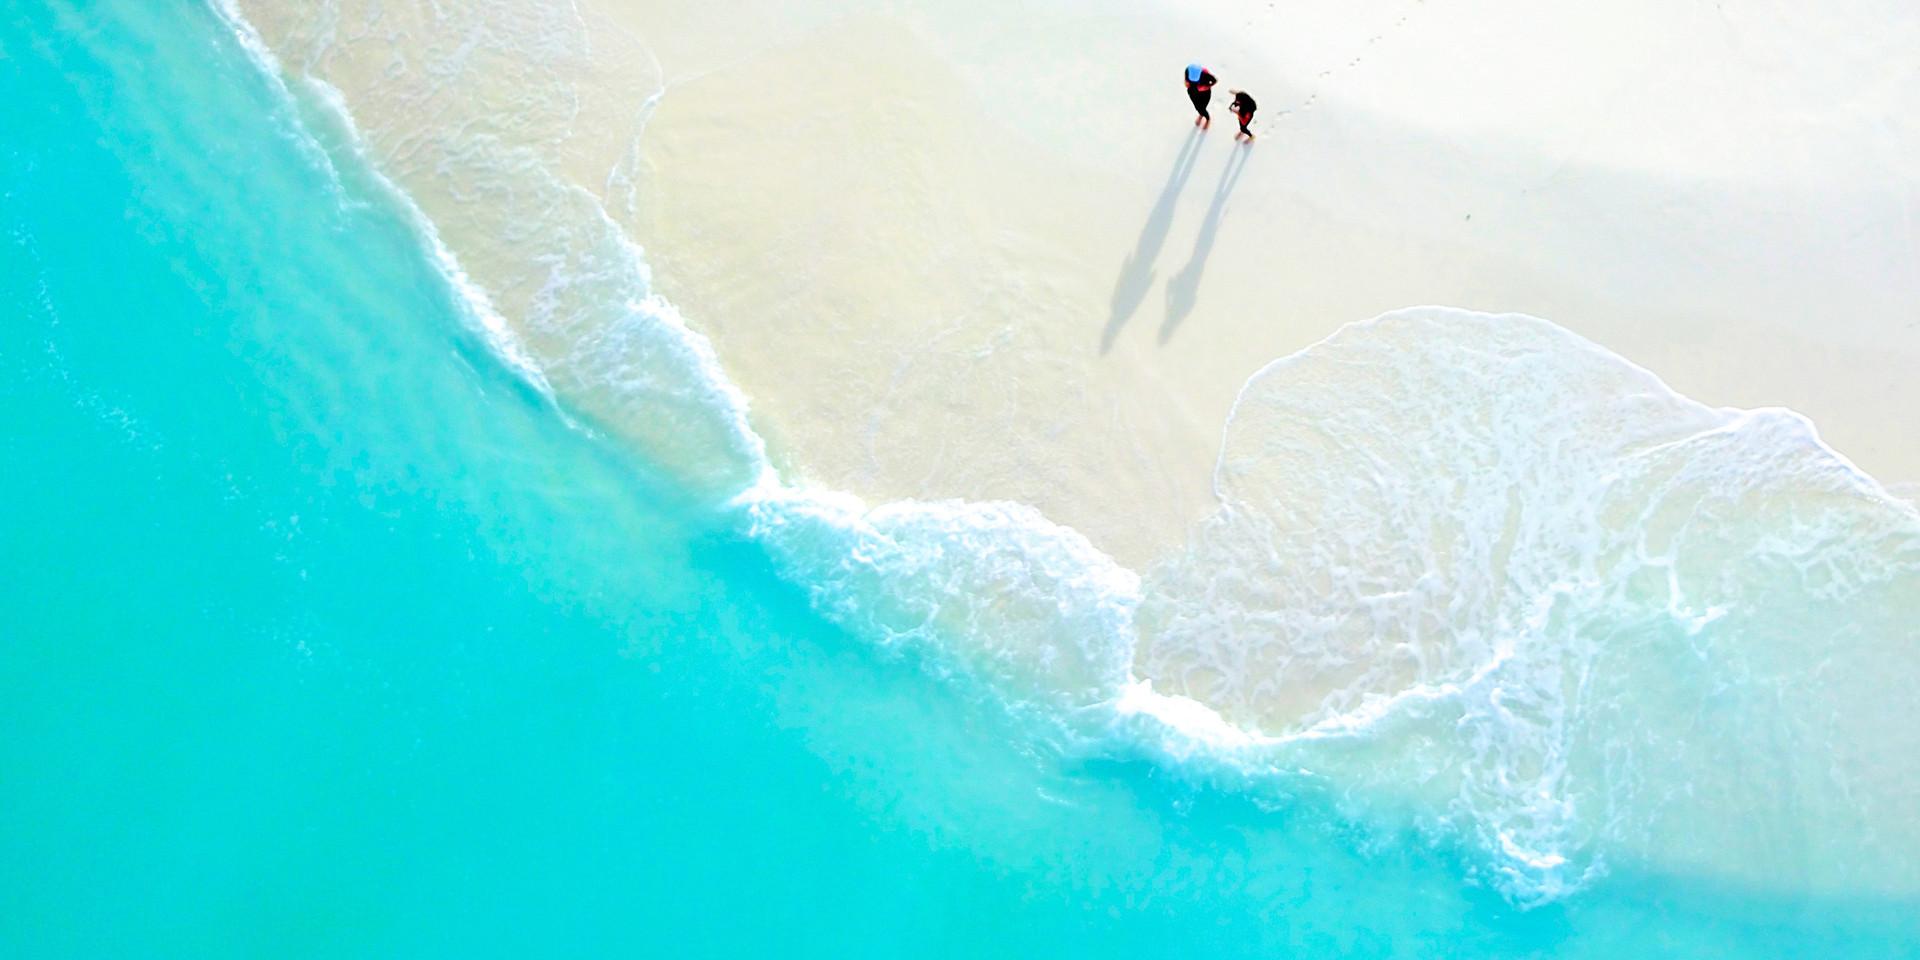 Maldives: A birds eye view